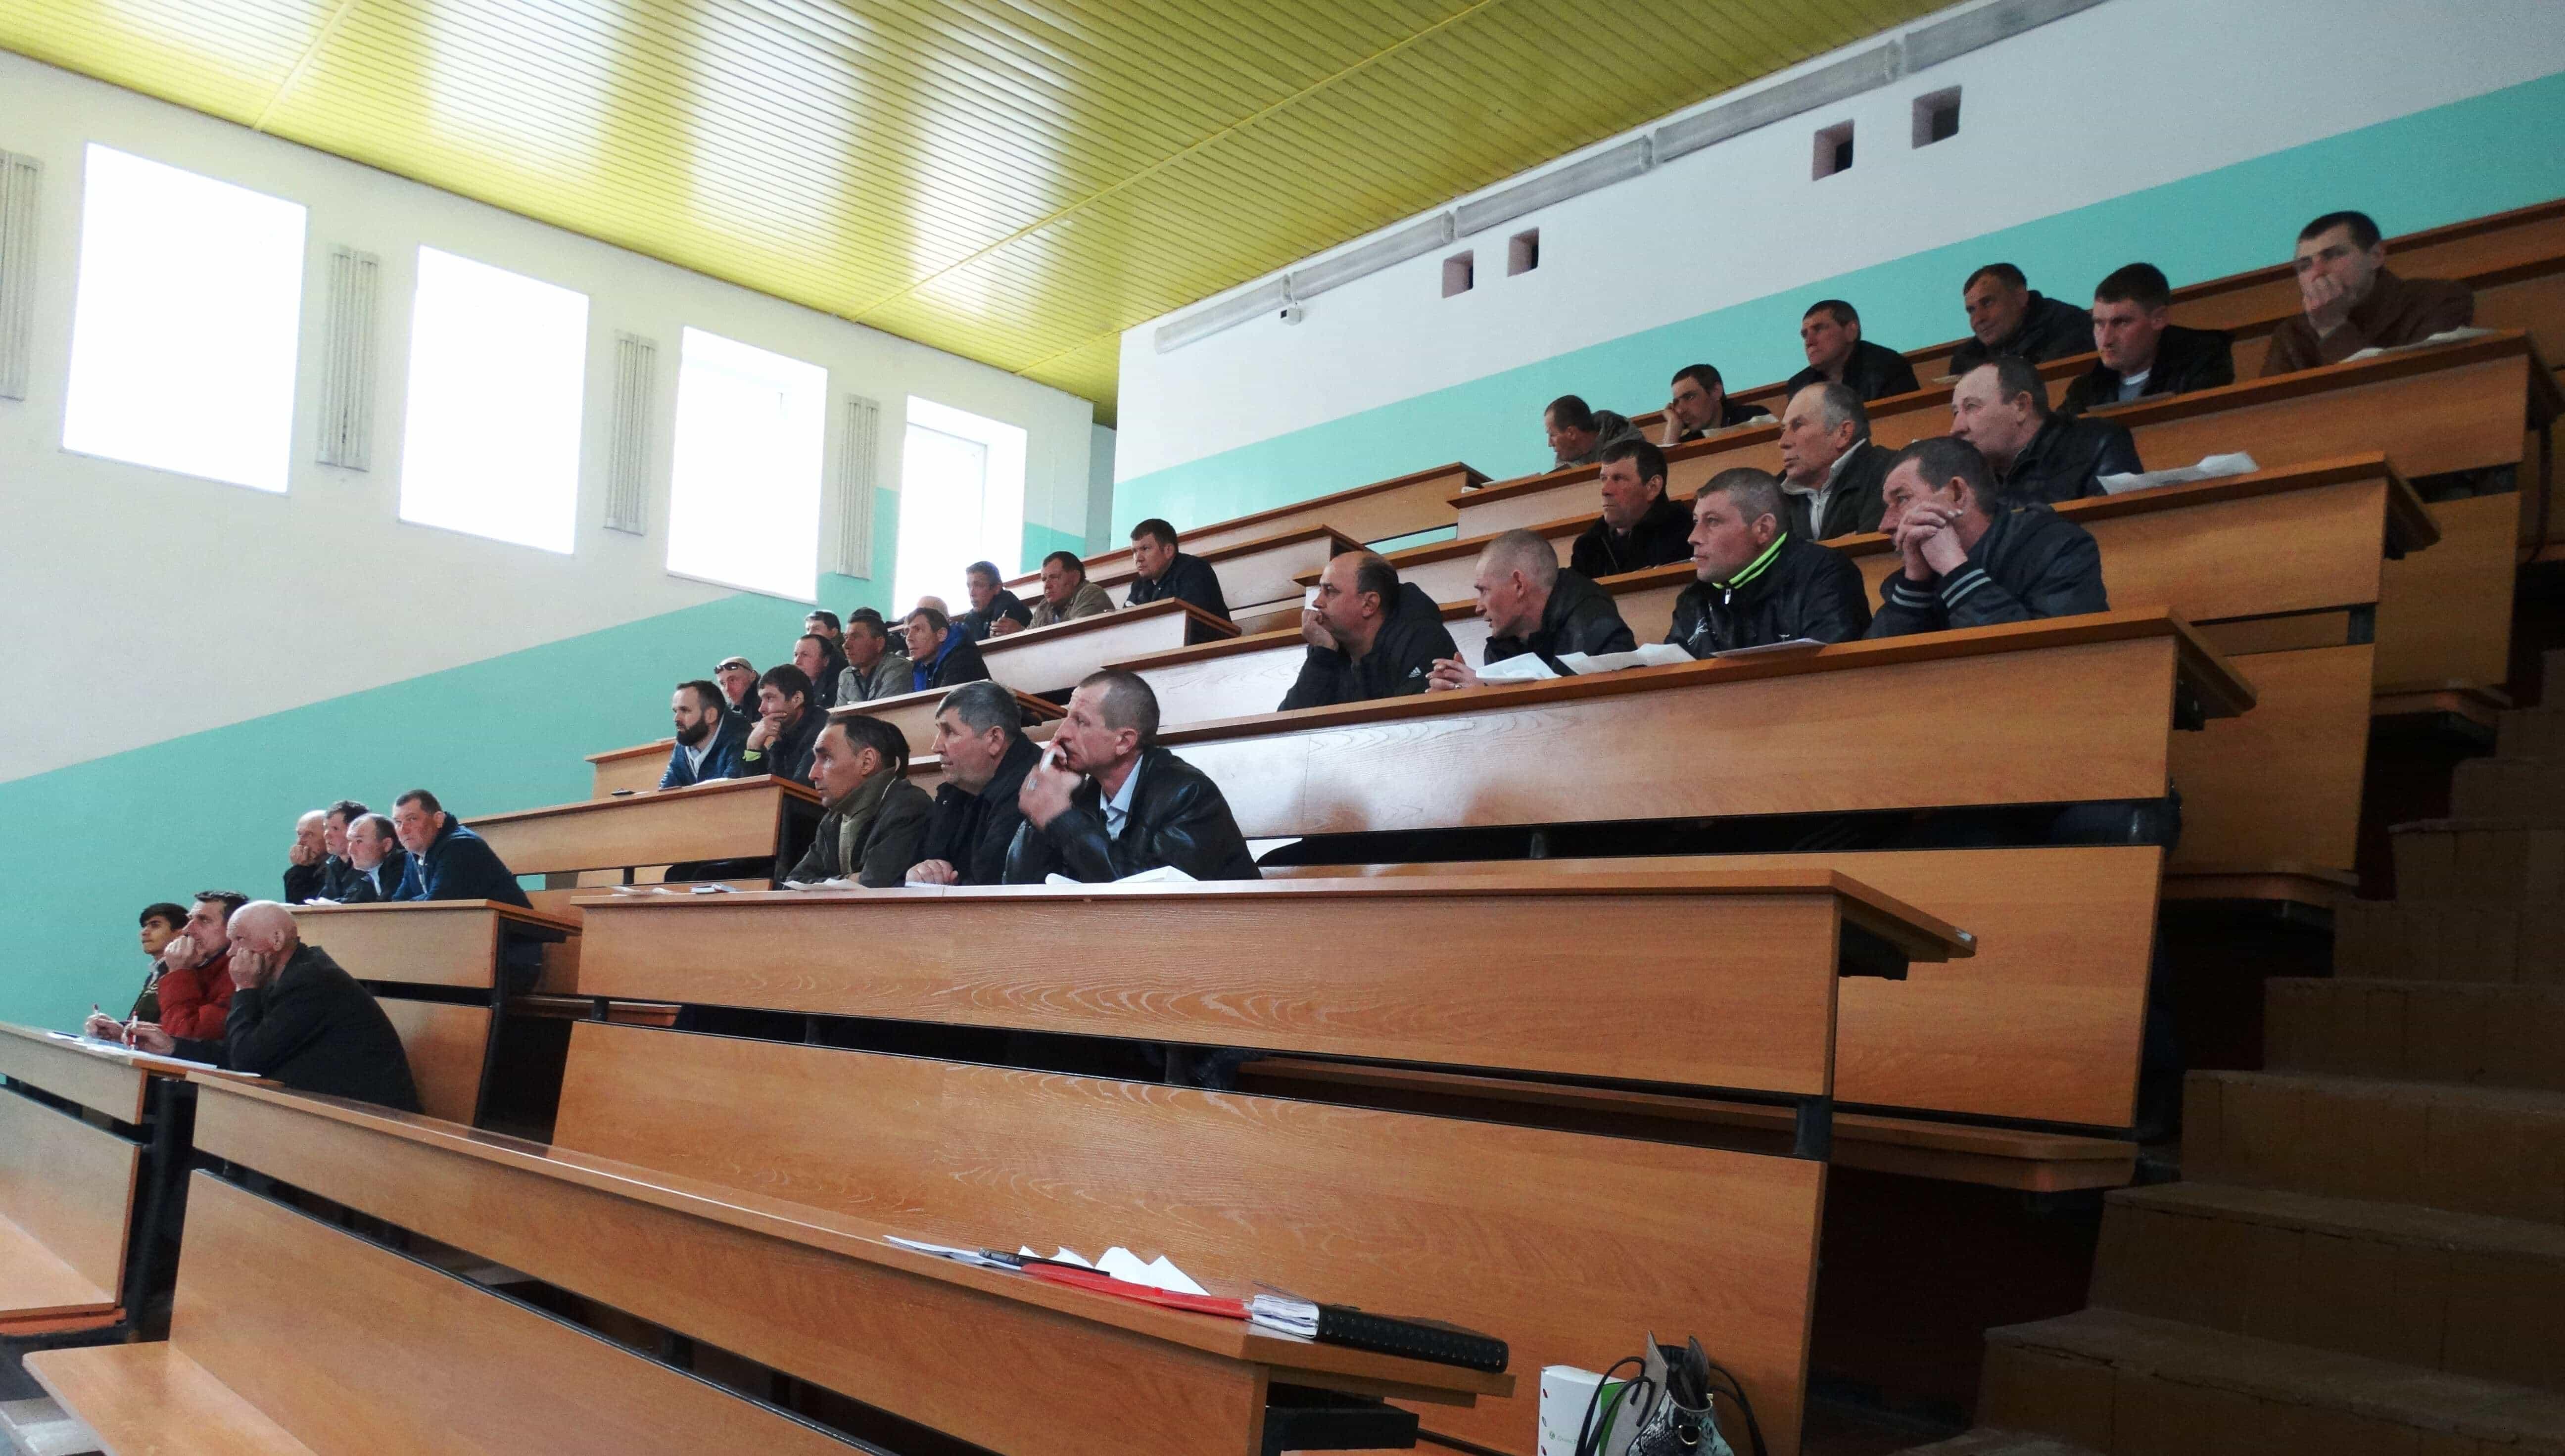 Проведен семинар для механизаторов, инженеров и руководителей хозяйств Новости  DSC00478-1